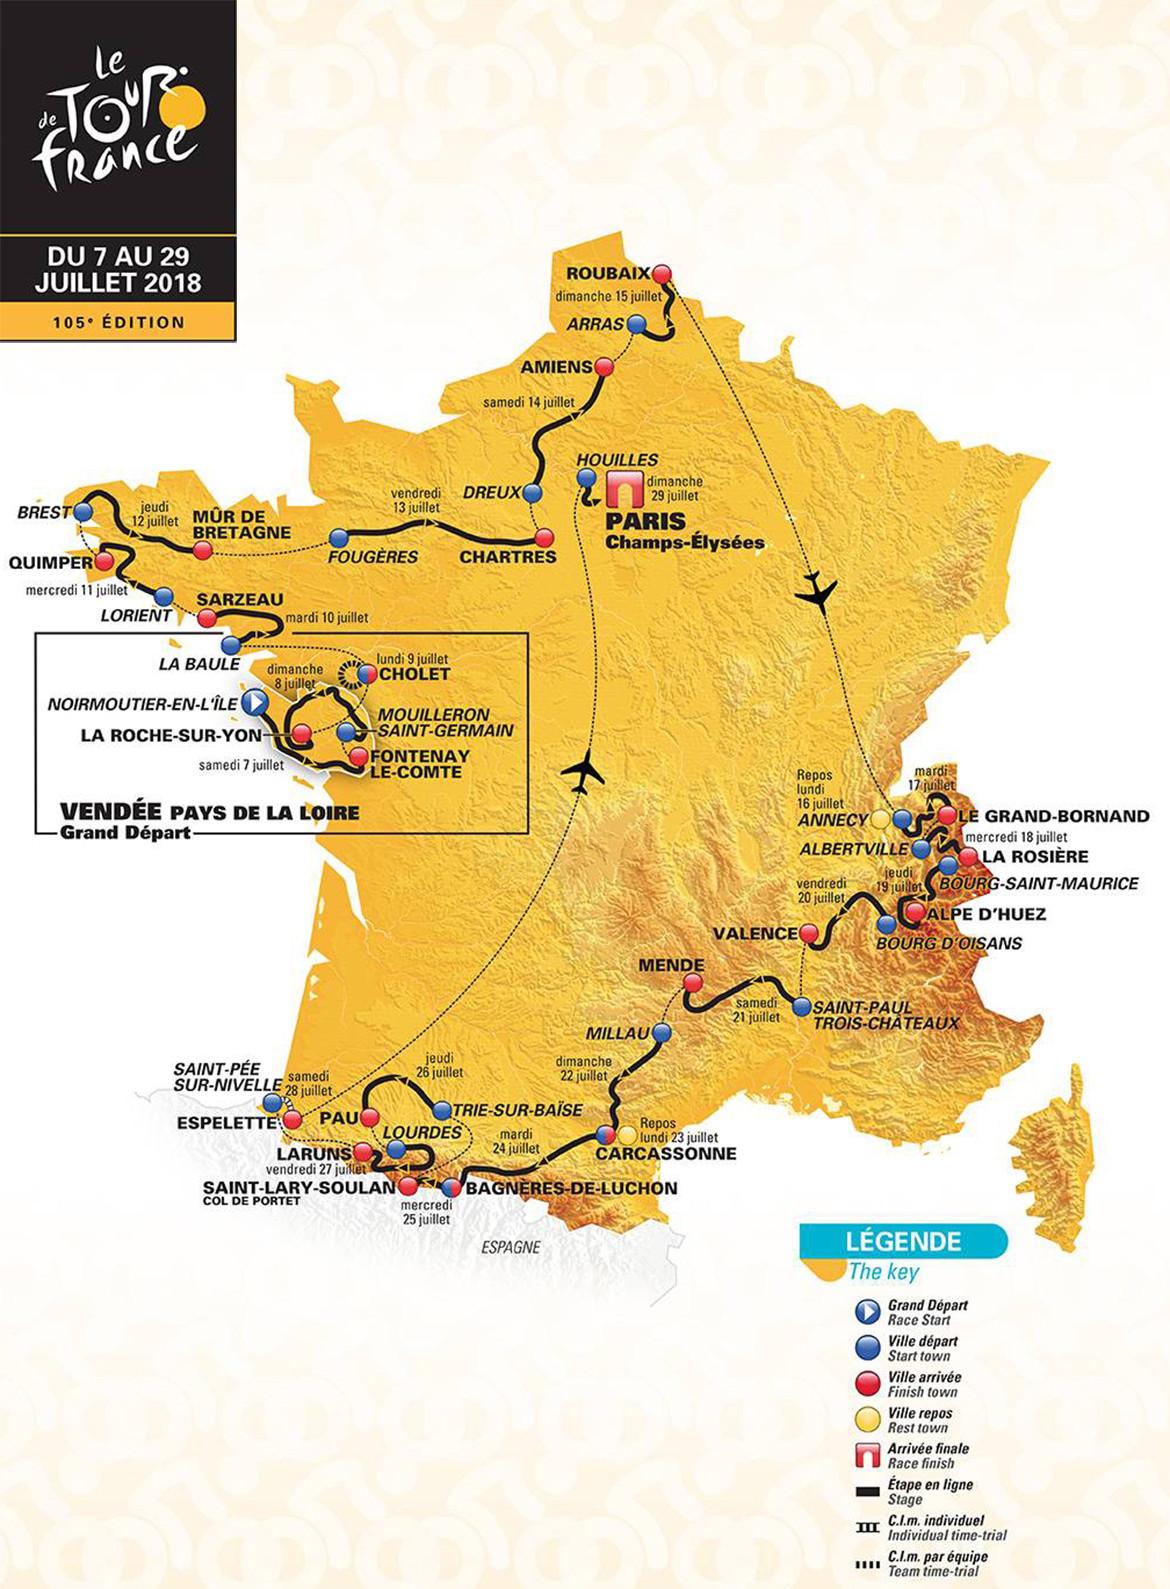 Tour de France 2018 Preview